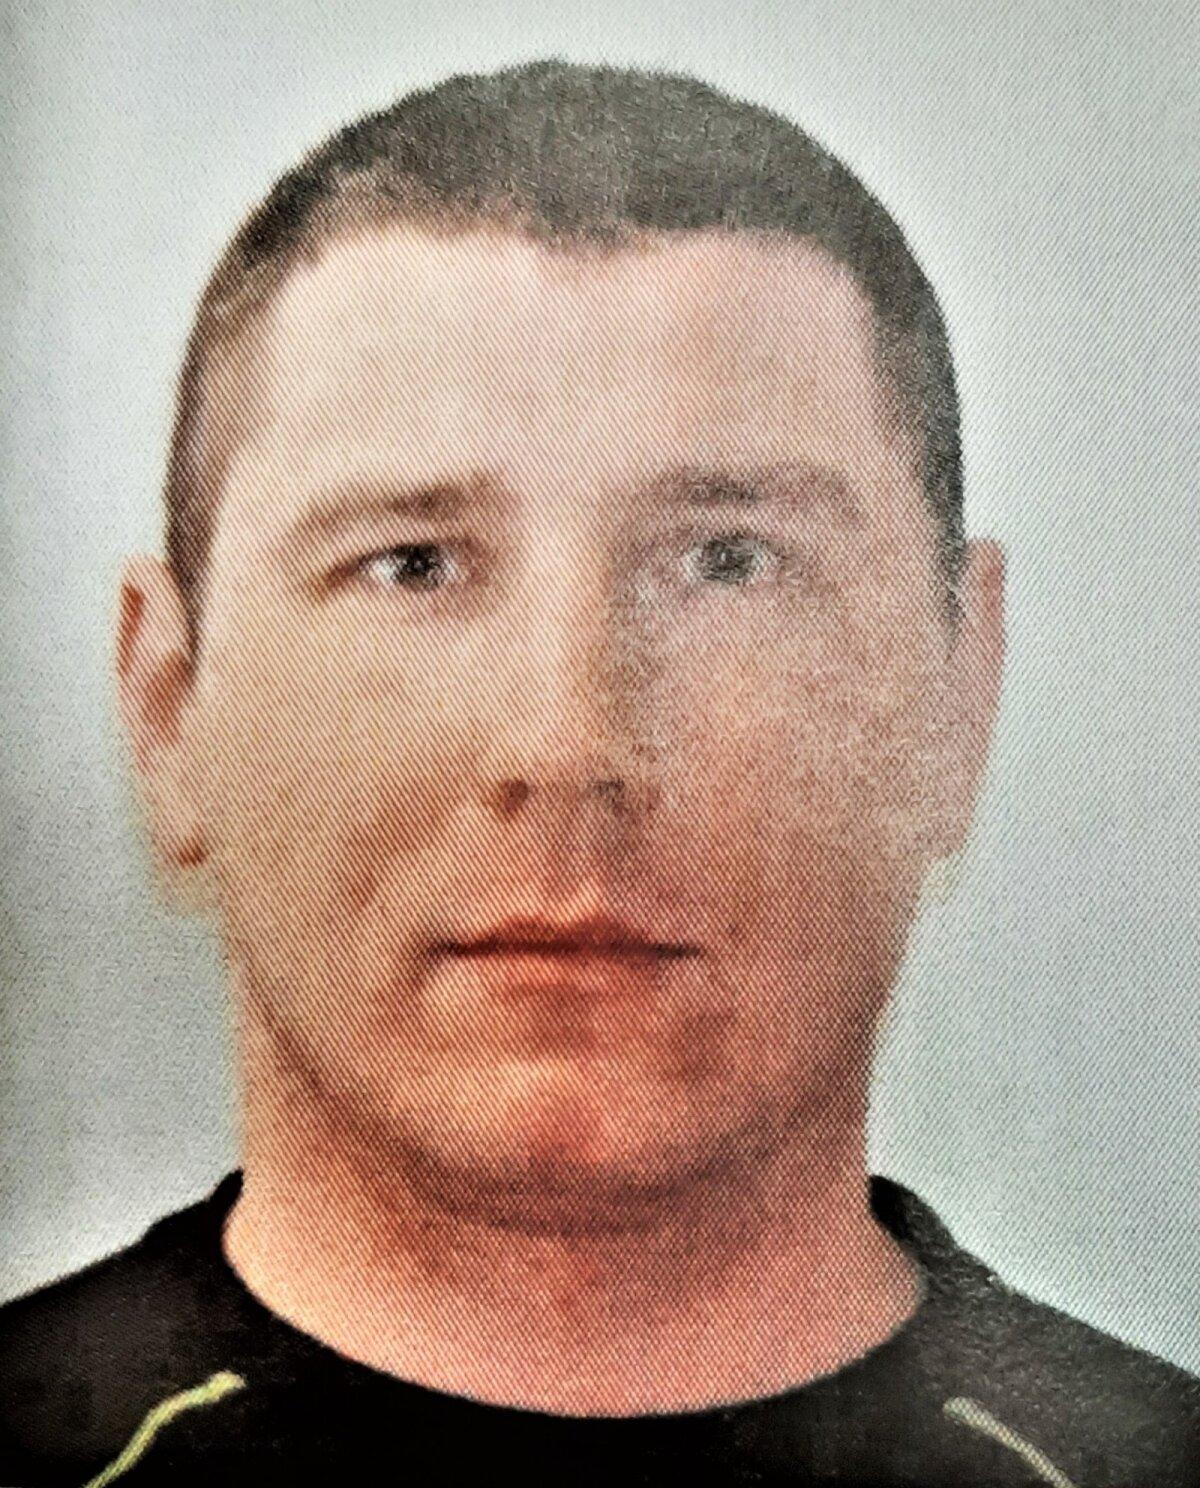 RISKIS ELUGA: Narkojõugu ninamees Sergei Makov sõi vahistamisel narkootikumid ära ning tema elu tuli päästa maoloputusega.